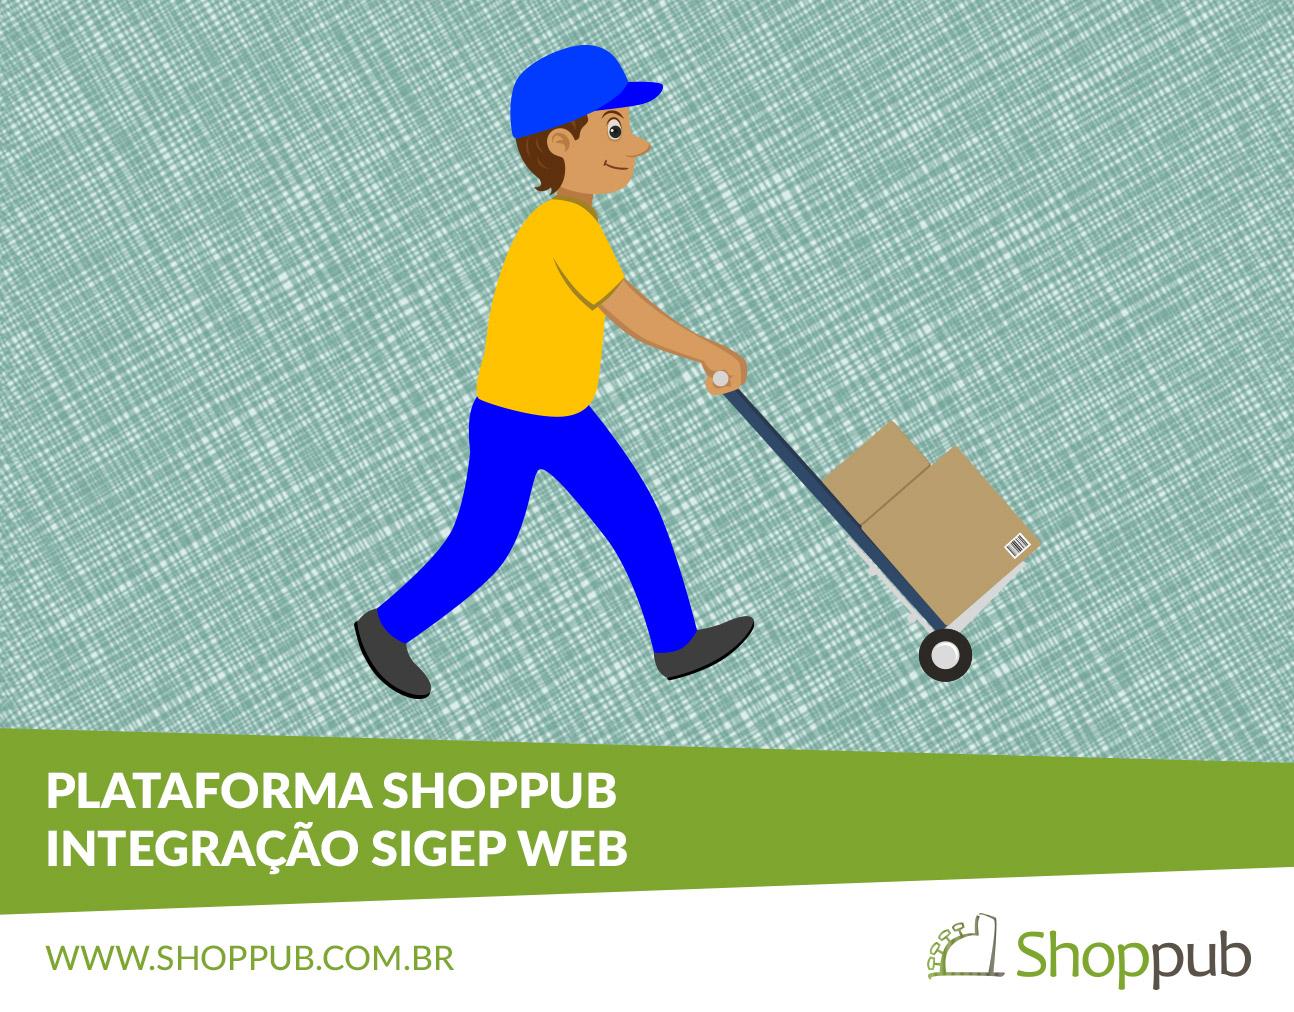 Integração SIGEP WEB - Plataforma Shoppub